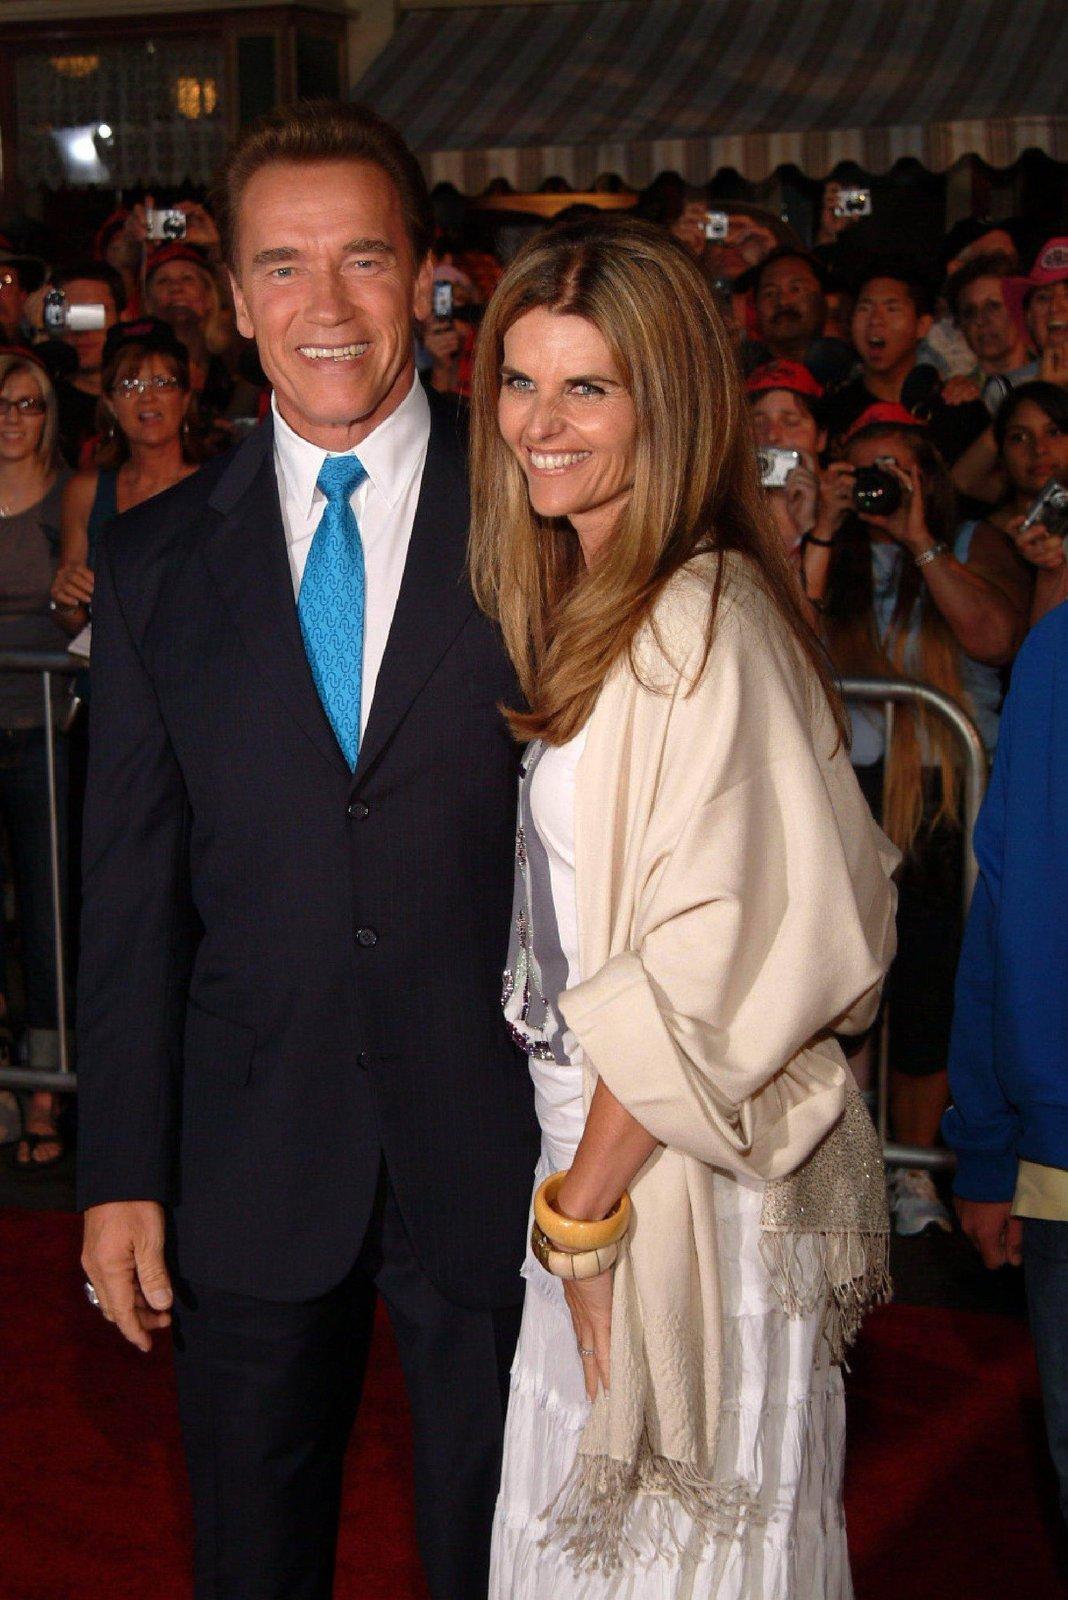 Arnold Schwarzenegger (64) & Maria Shriver (56)